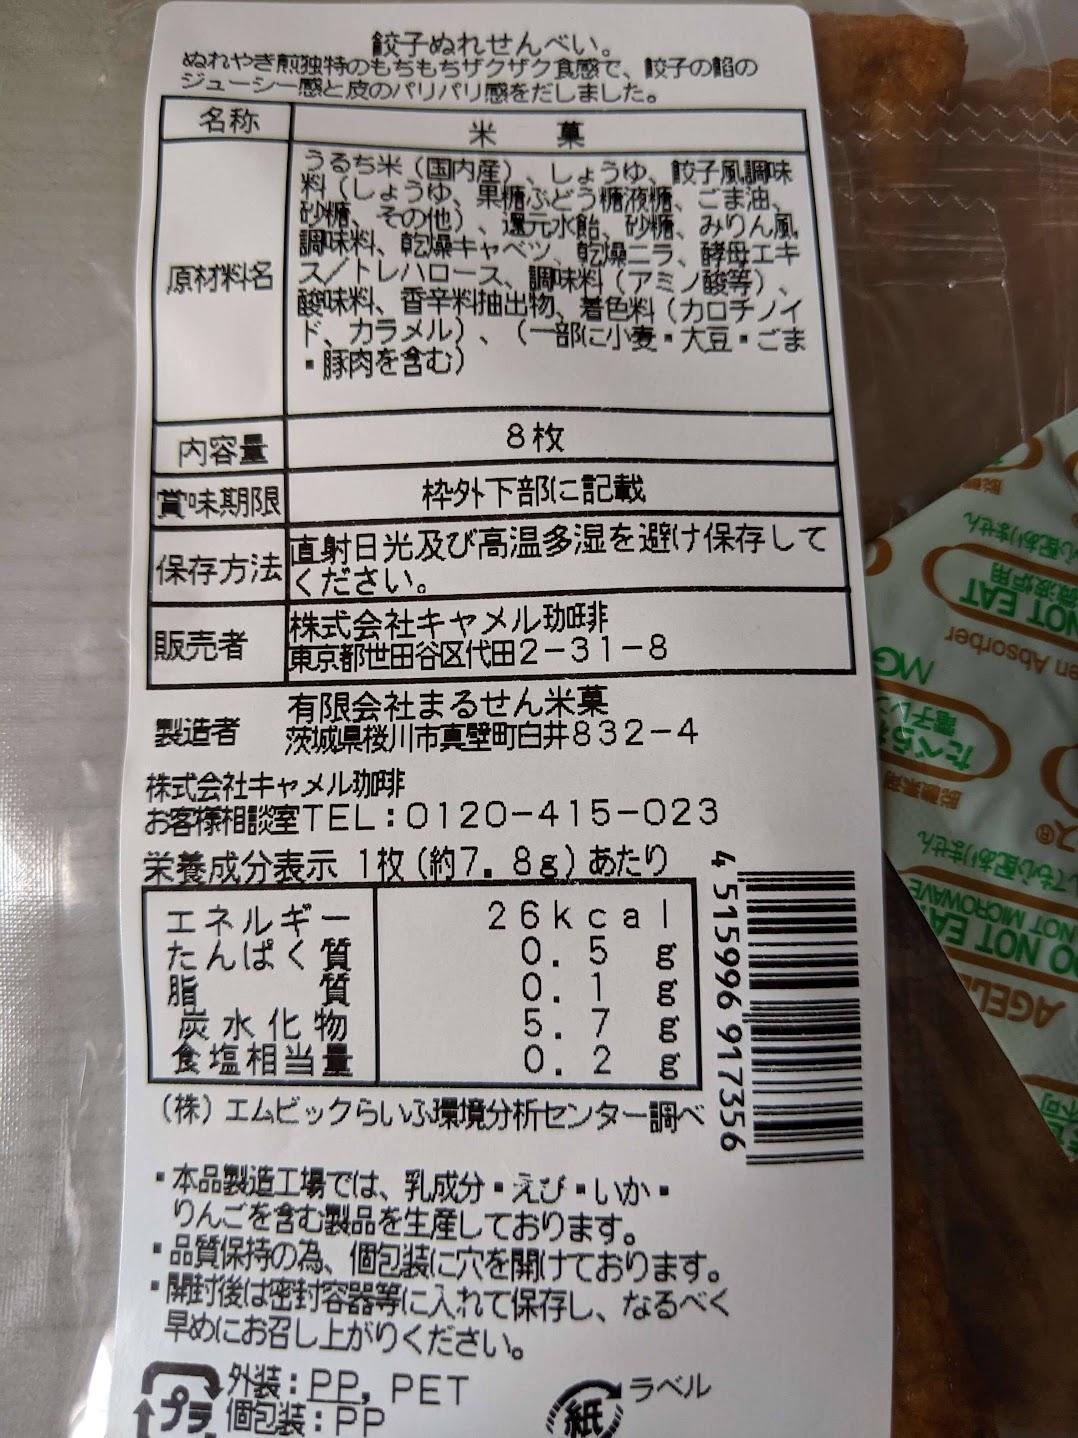 カルディ 餃子ぬれせんべい 栄養成分表示